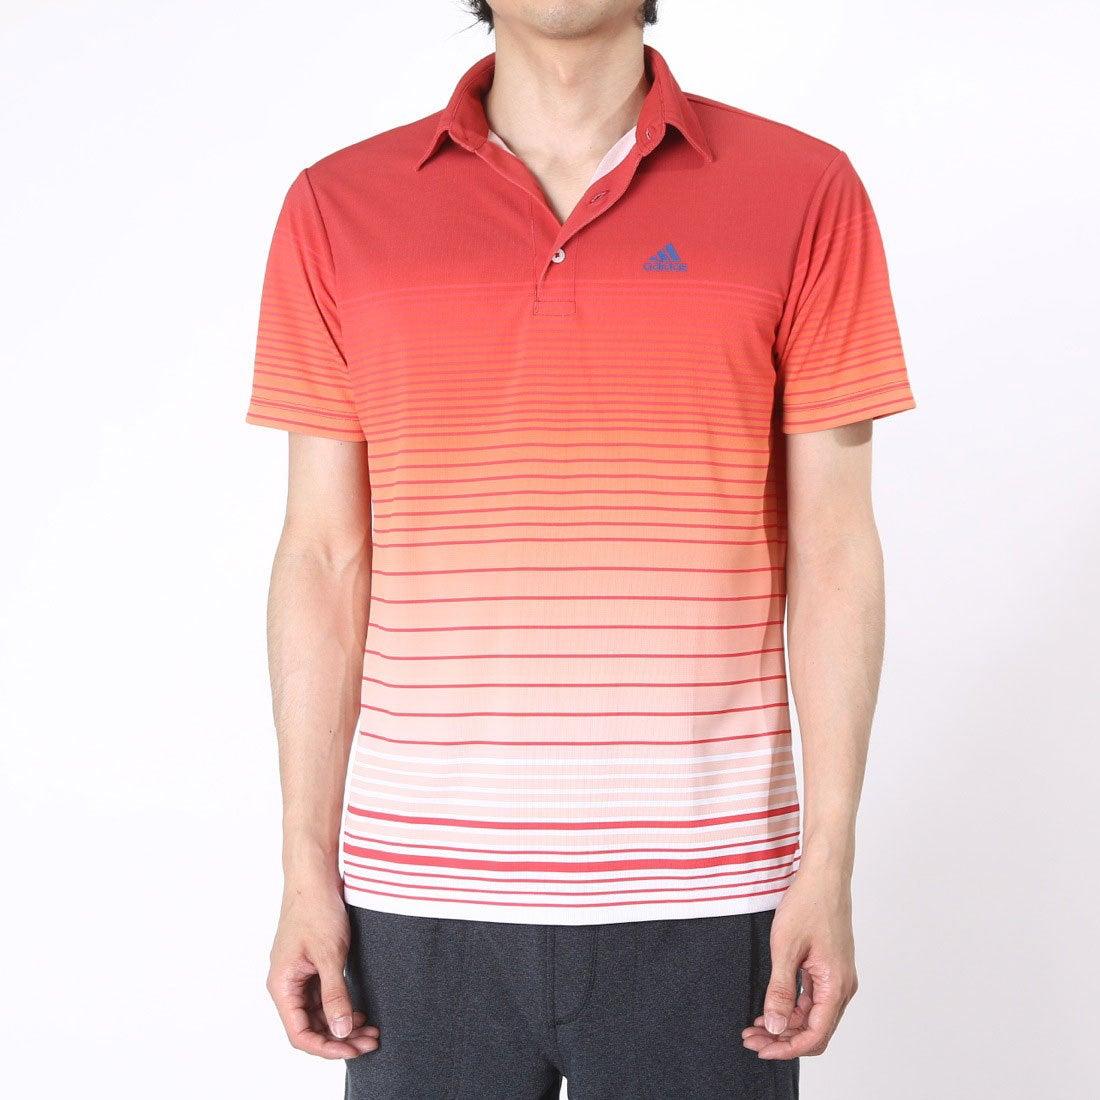 【SALE 55%OFF】【アウトレット】アディダス adidas ゴルフシャツ JP CP グラデーションボーダーS/Sポロ CCG33 (レッド) メンズ